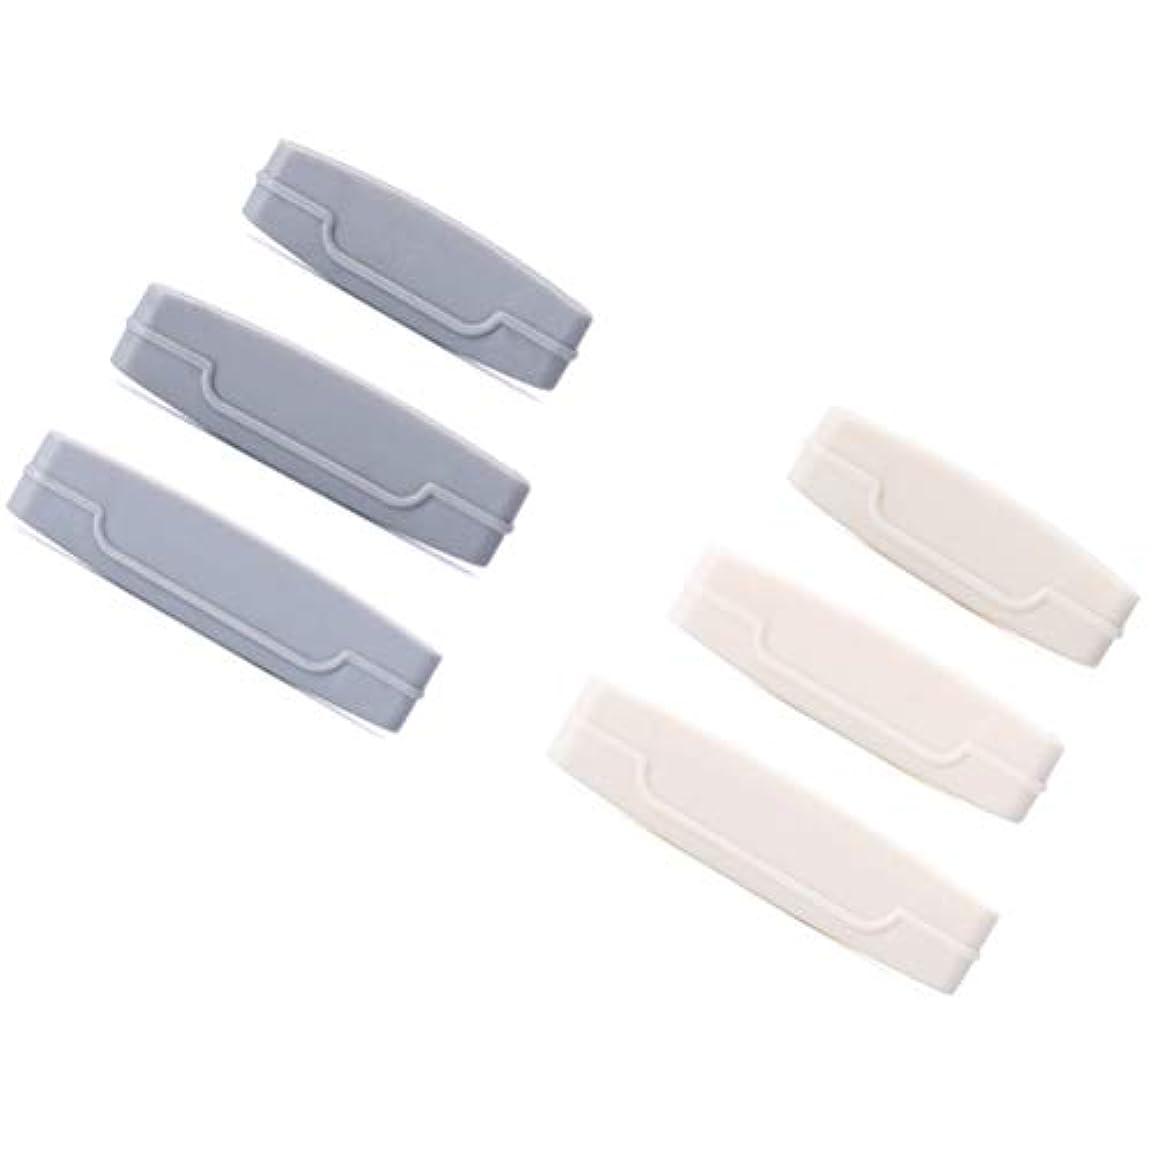 ストレスガレージ歩行者TOPBATHY 6本入り歯磨き粉チューブスクイーズディスペンサー歯磨き粉ごみ減量用クレンザー用押出機クリップ(灰白)